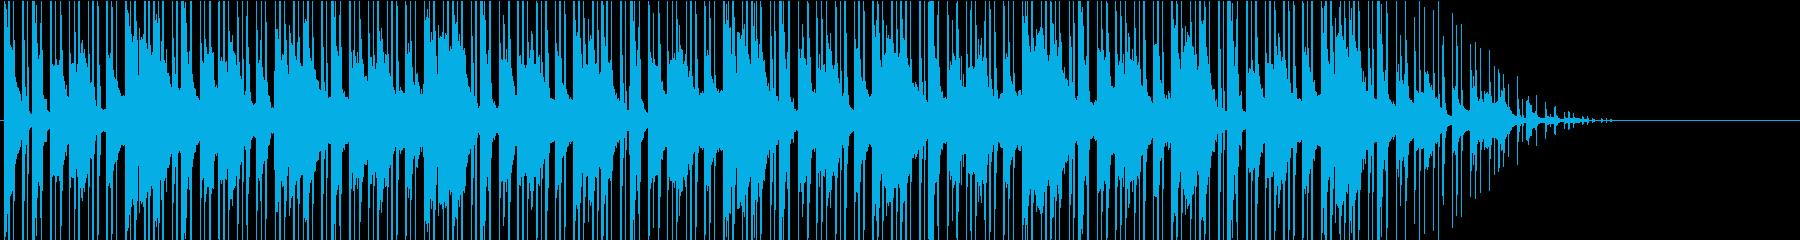 エレクトログルーブには、大気中およ...の再生済みの波形